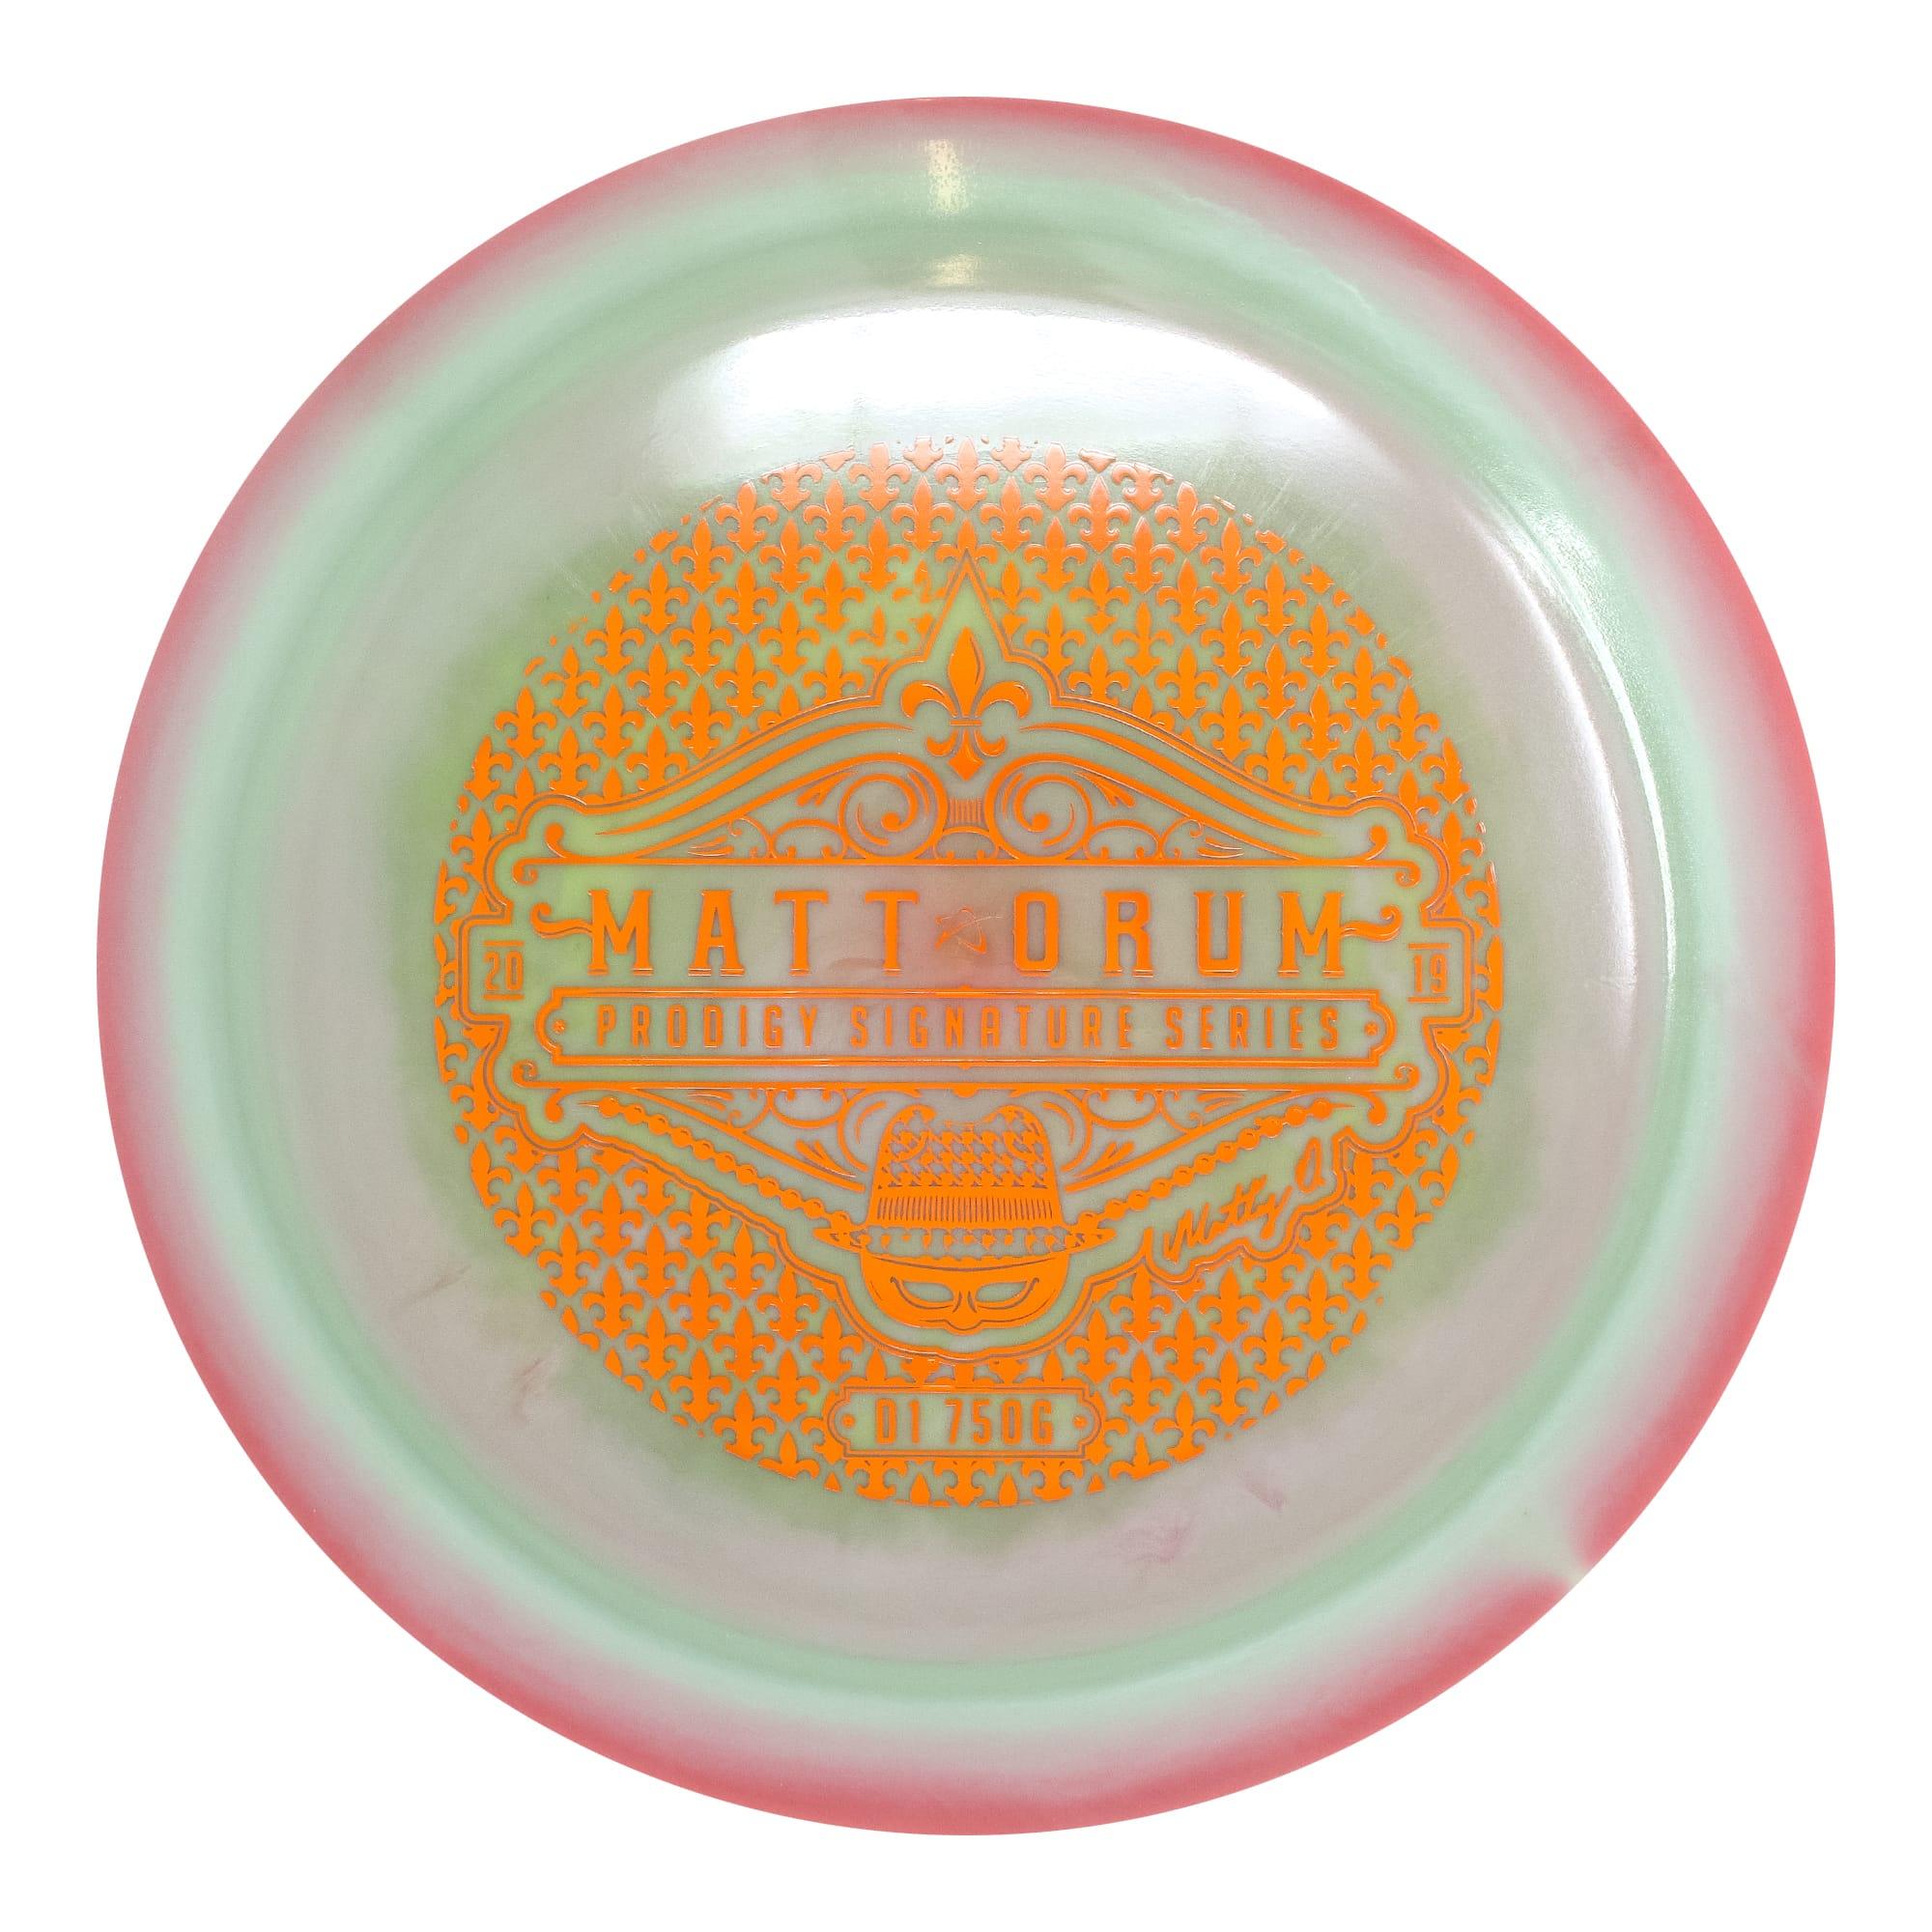 Matt_Orum_Special_Edition_Signature_Series_D1_750G_Thumbnailsprodigy-D1-750g-matt-orum-se-sig-green-pink_OPT.jpg